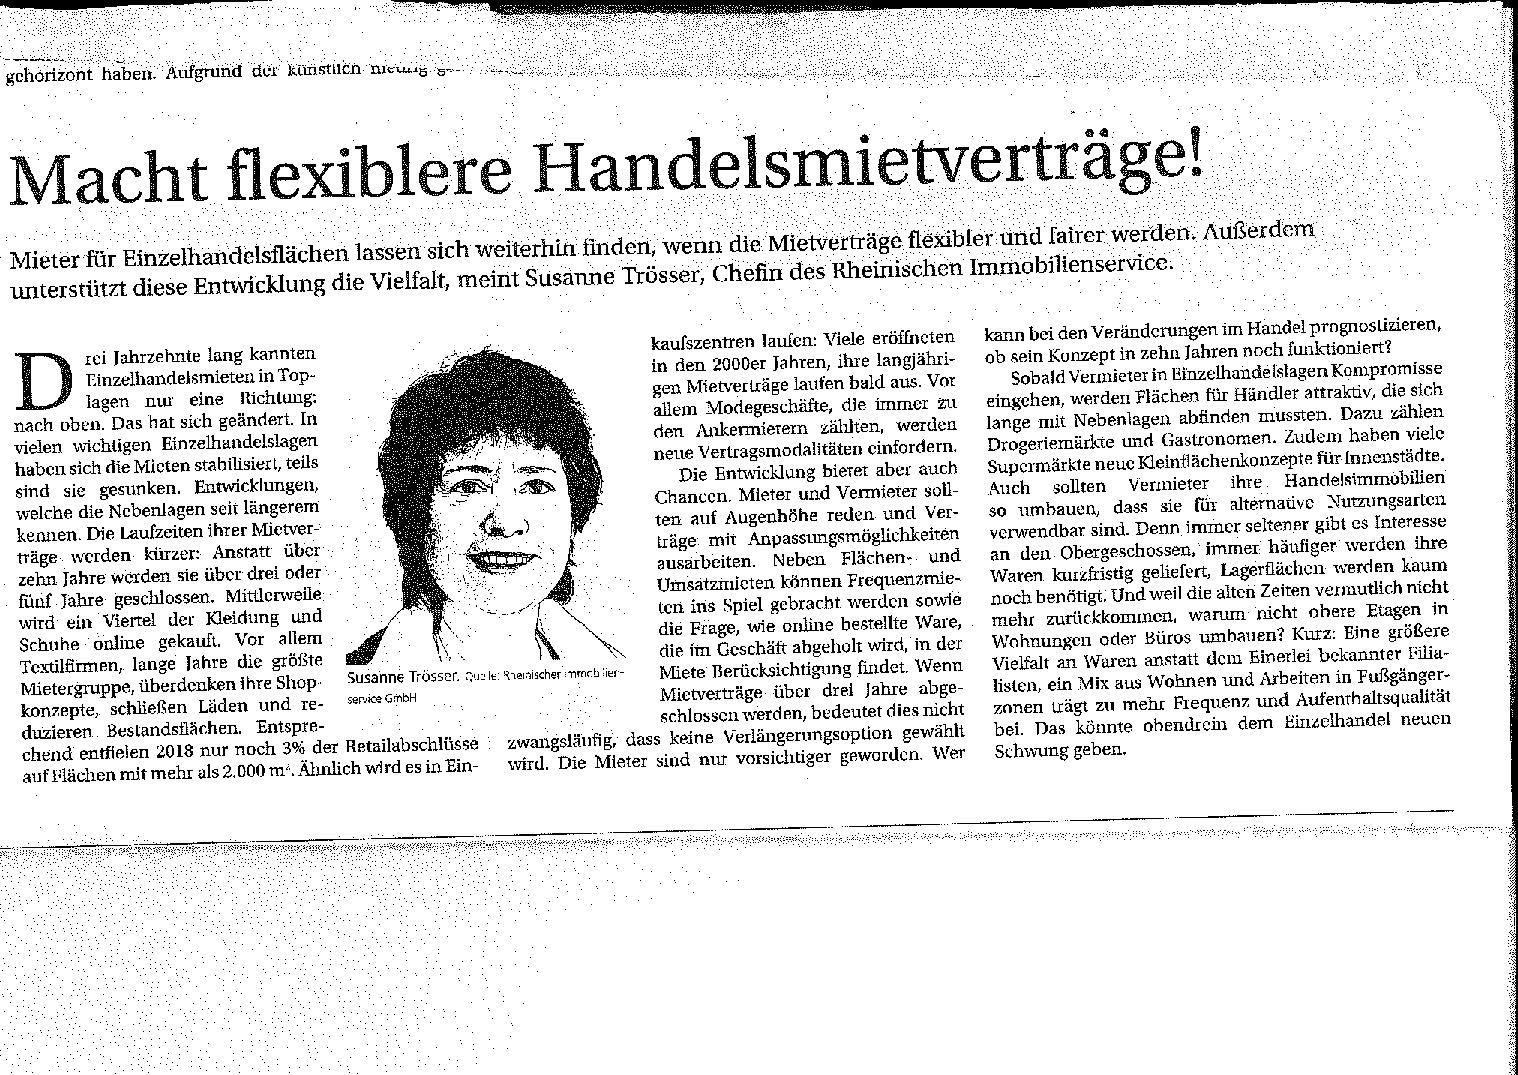 Macht flexiblere Handelsmietverträge! / Immobilien Zeitung vom 14.11.2019